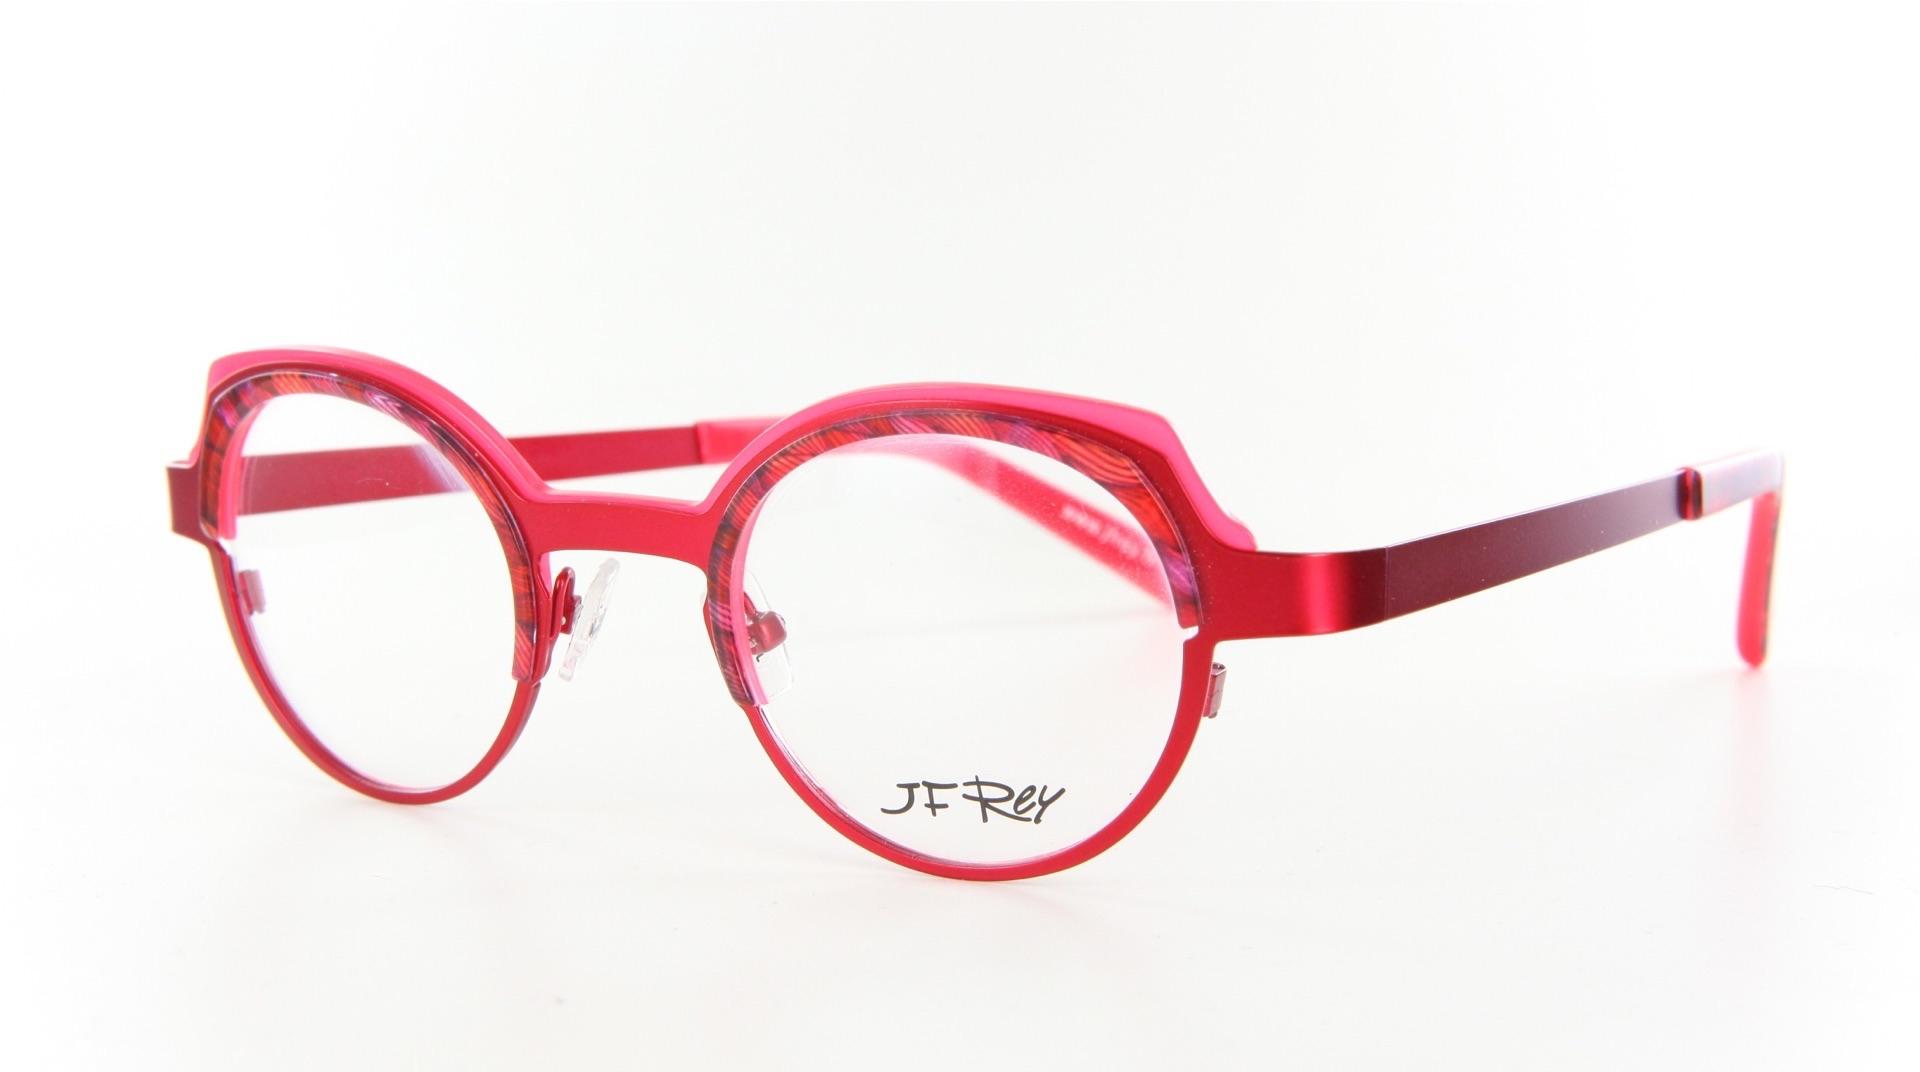 J.F. Rey - ref: 75687